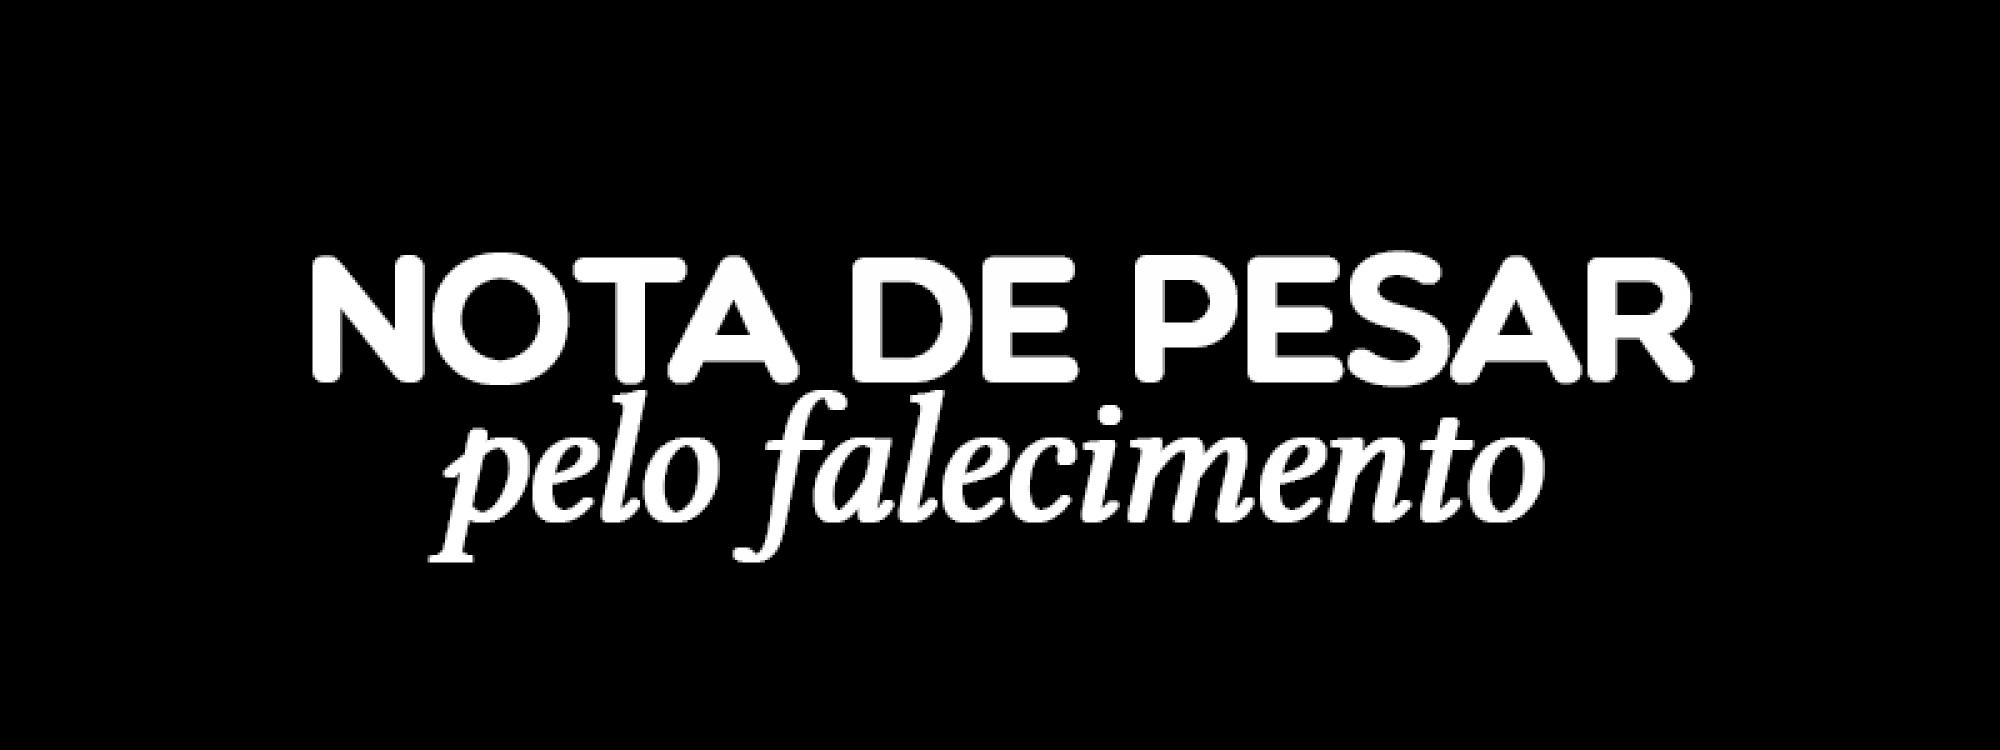 Nota de pesar pelo falecimento do professor José de Paulo Carvalho